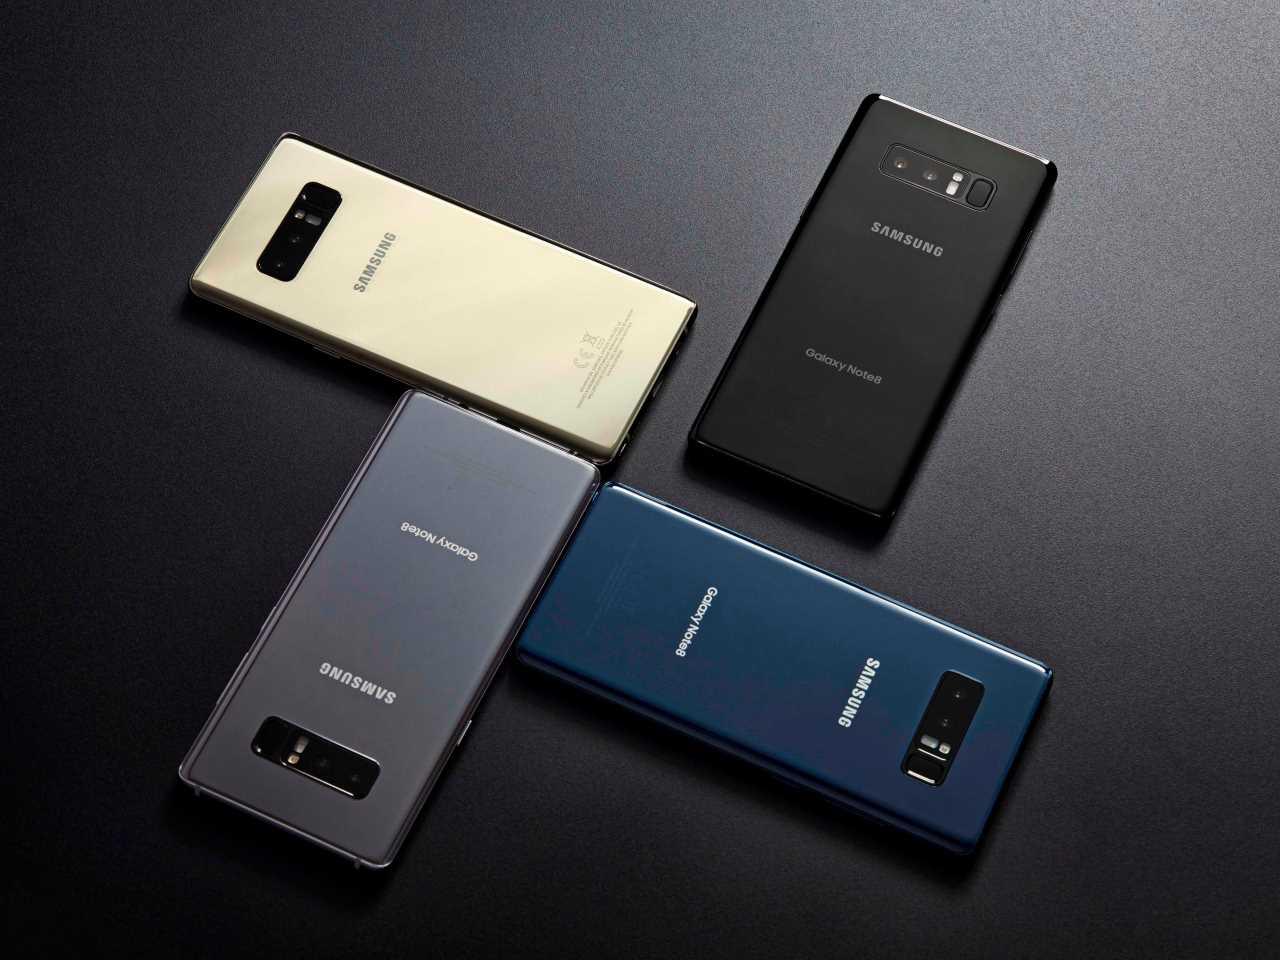 Alle feiten over de Samsung Galaxy Note 8 op een rij